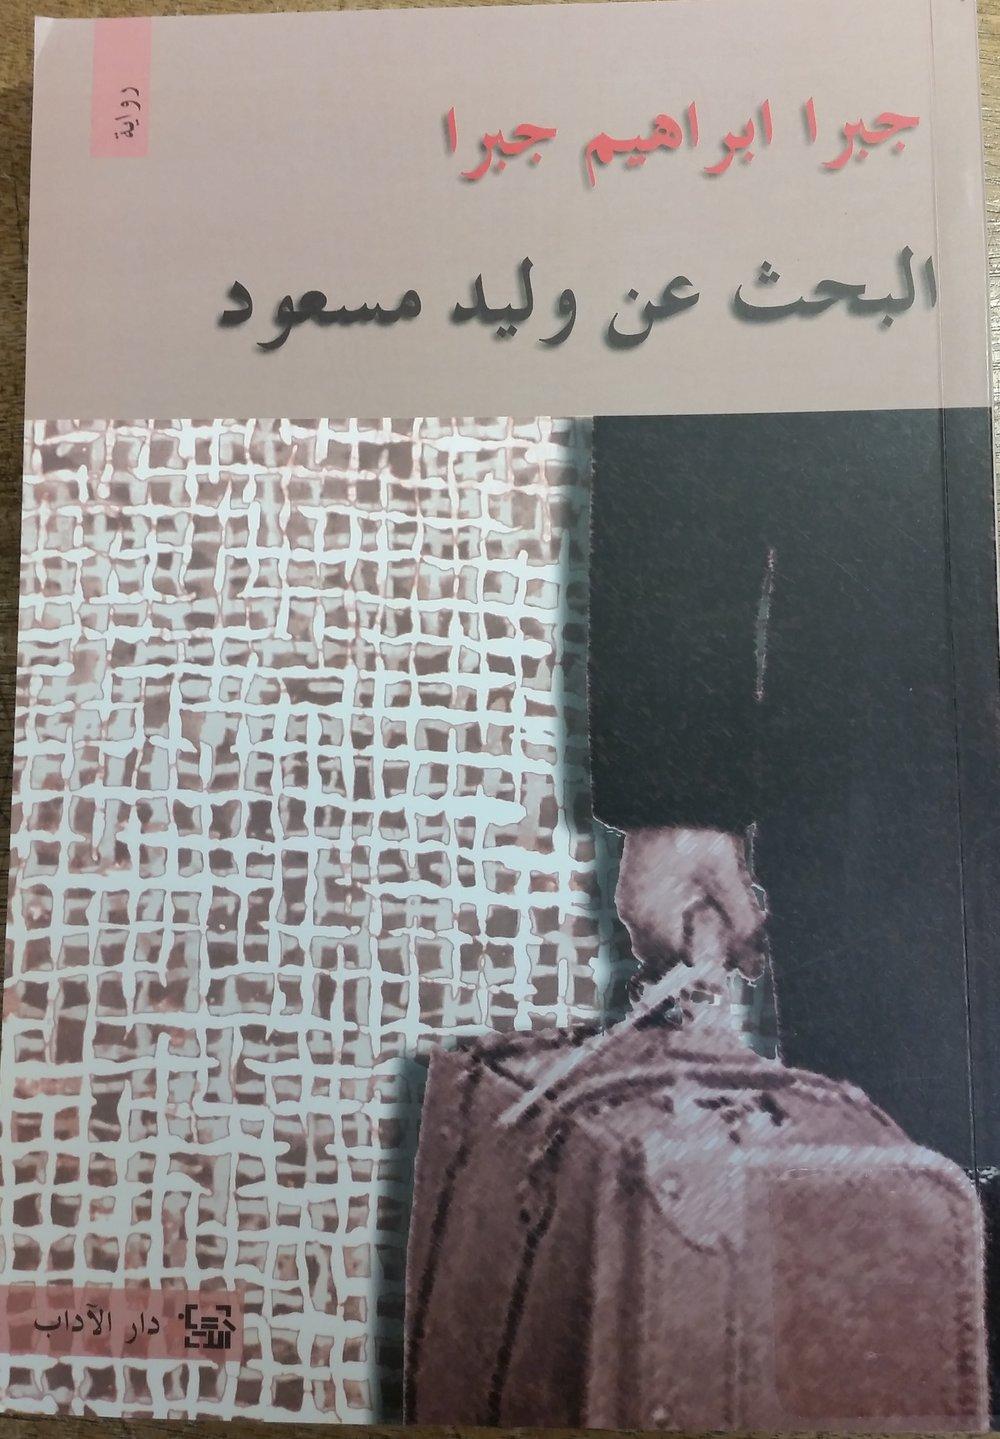 5th printing, from Dār al-Ādāb, Beirut (2007)